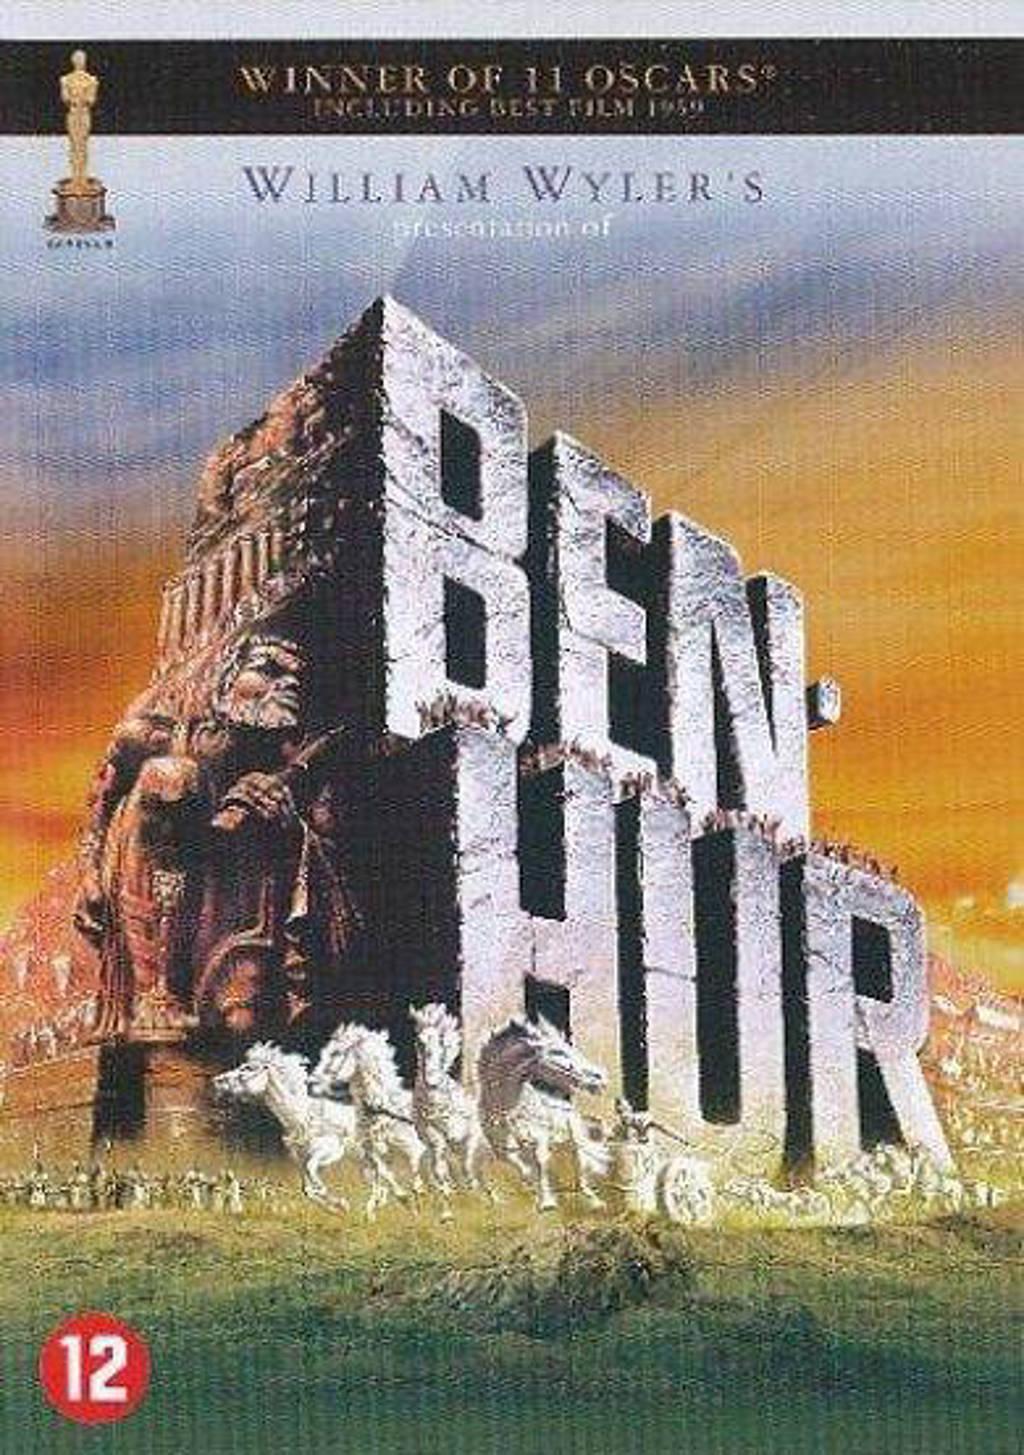 Ben Hur (1959) (DVD)